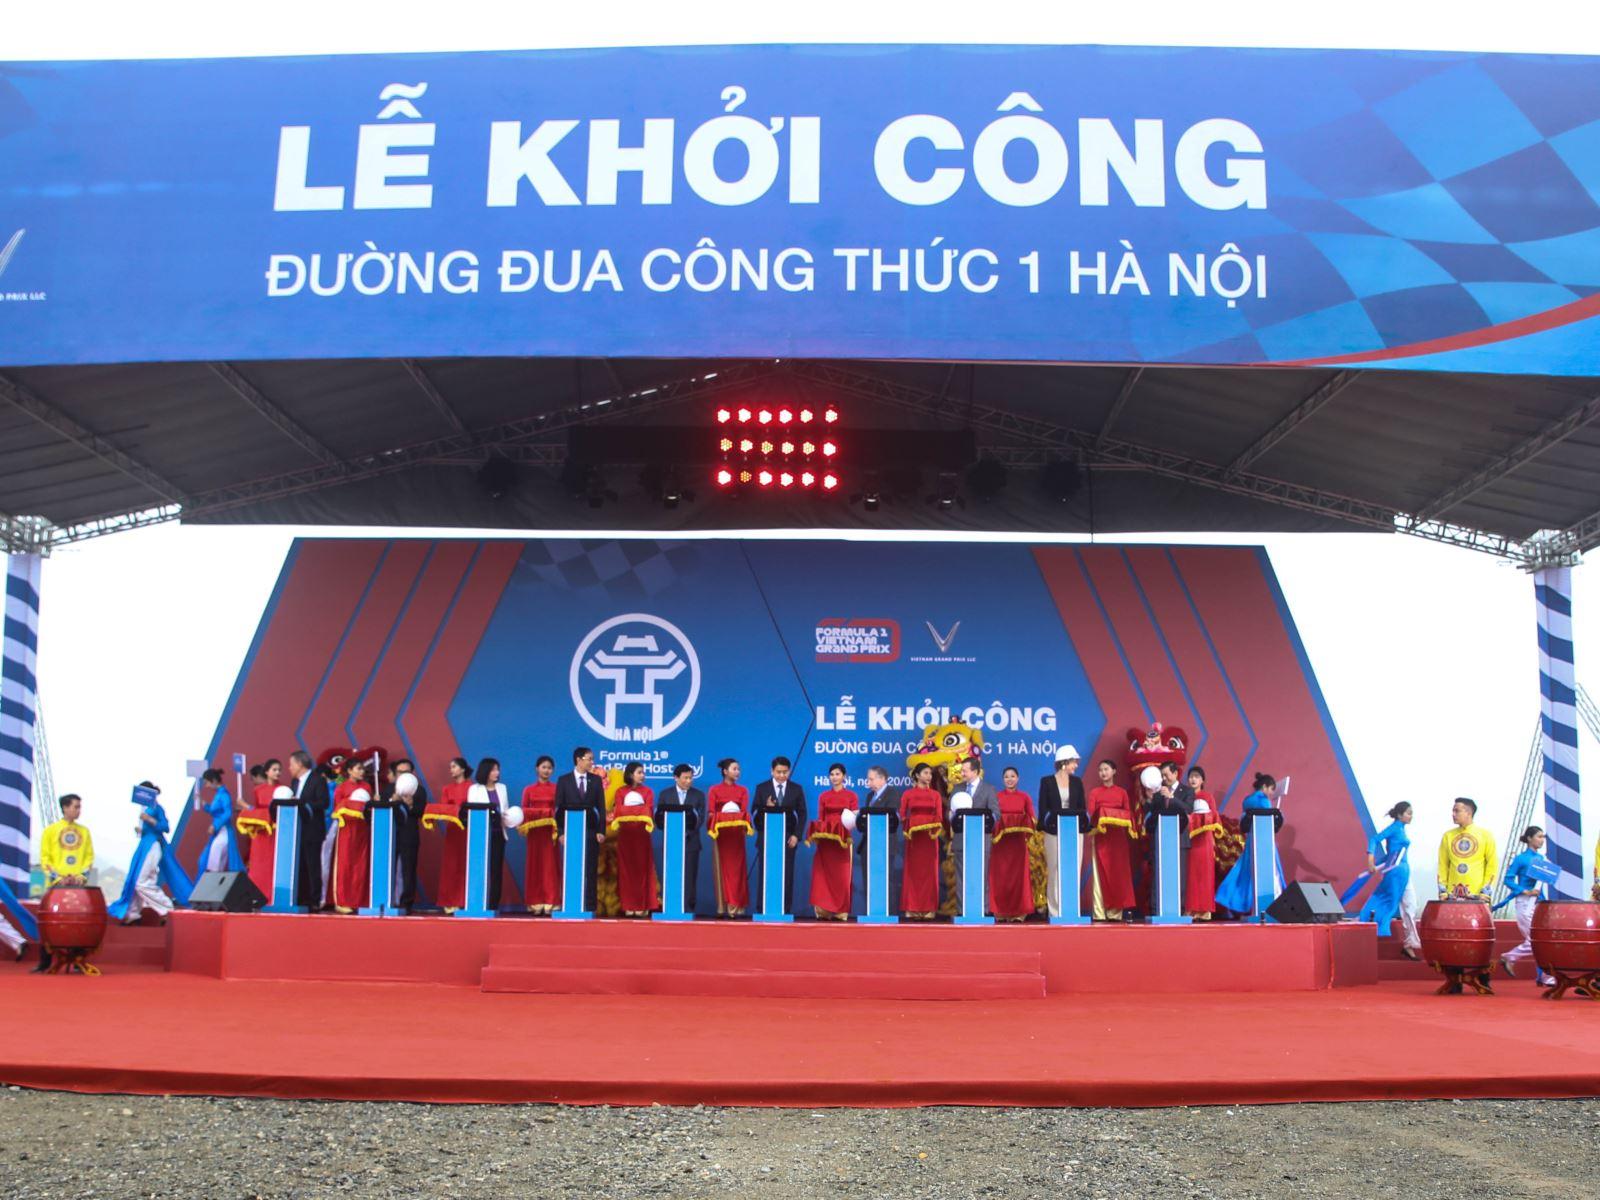 Vingroup cam kết hoàn tất đường đua F1 Hà Nội đúng hạn